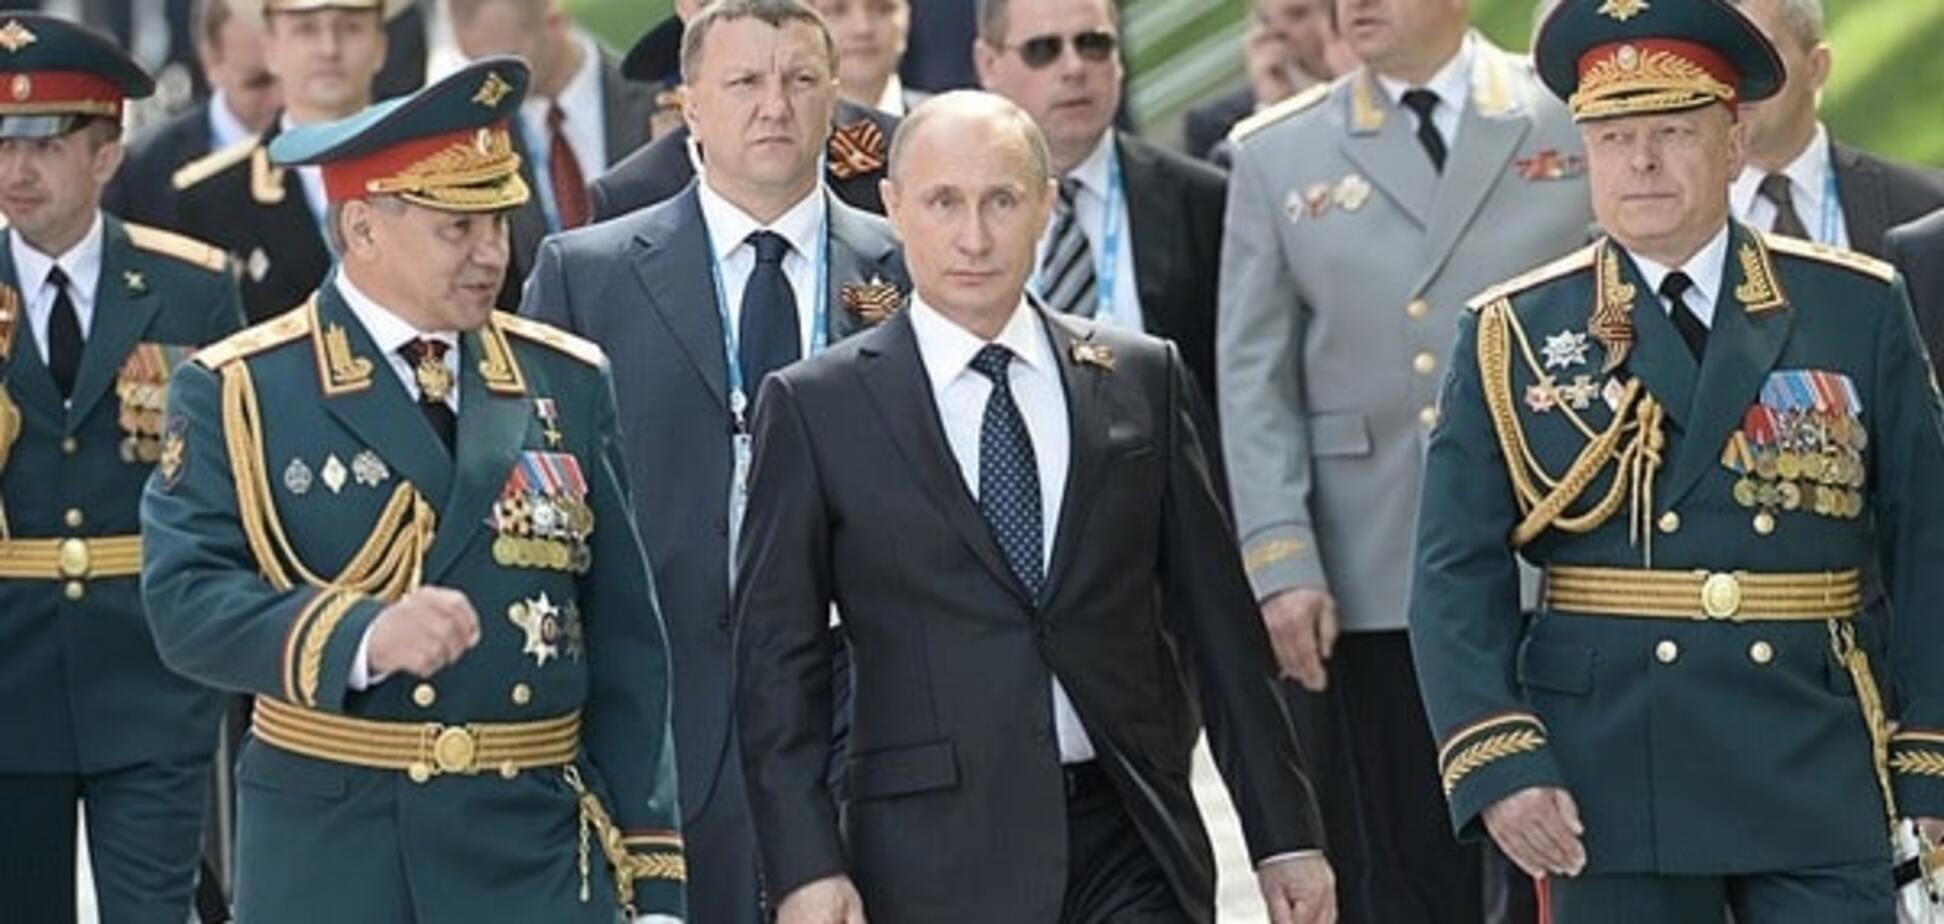 Снова в Крым? Путин собрался посетить военные учения 'Кавказ-2016' - СМИ